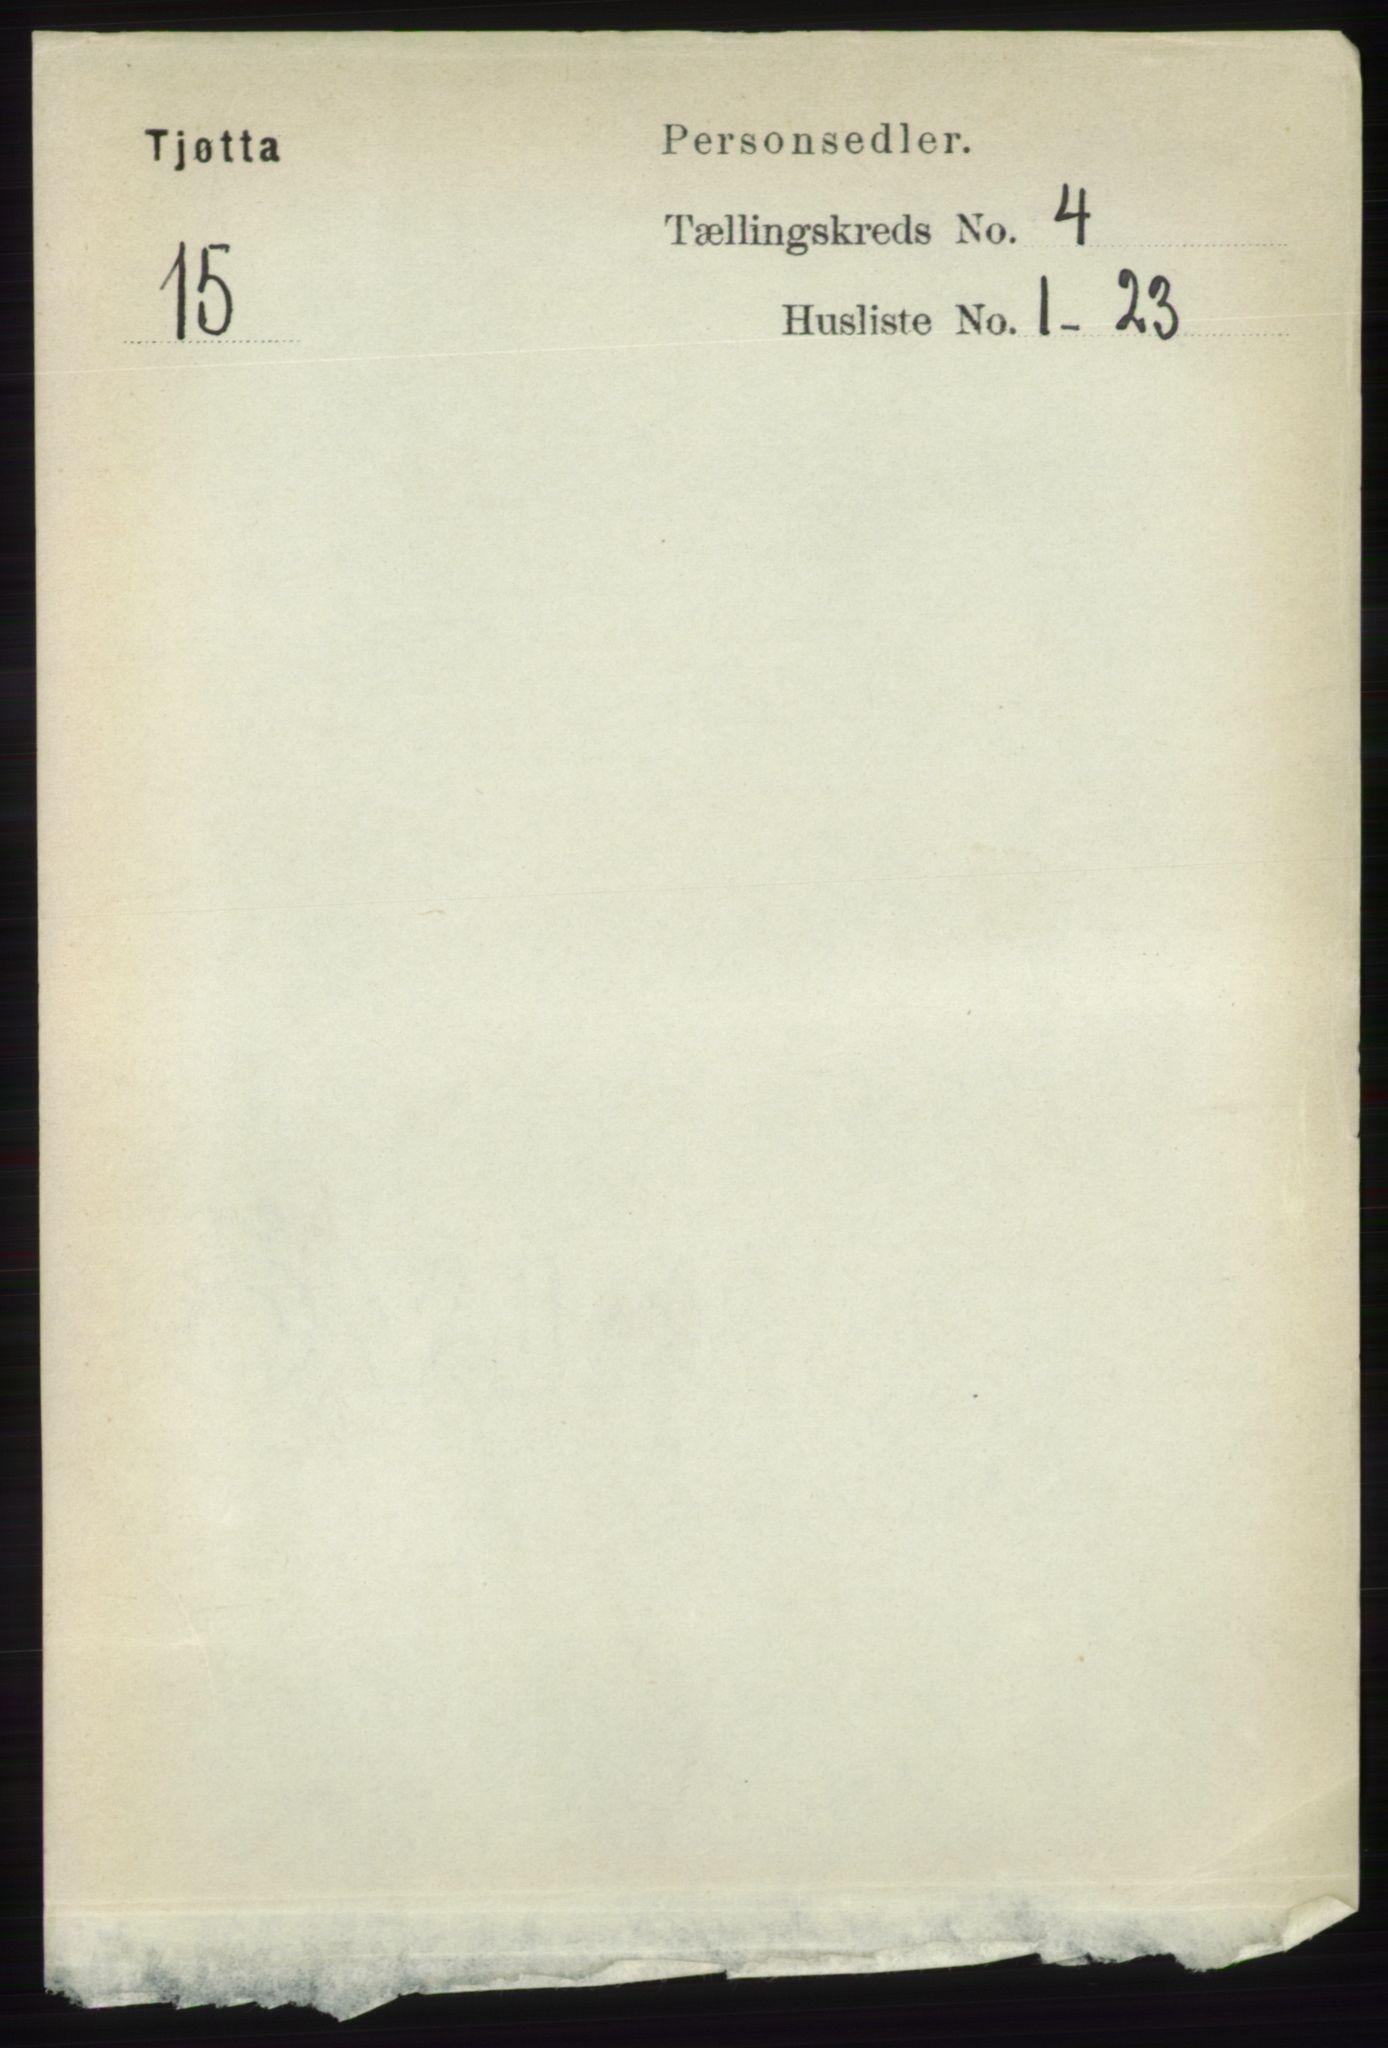 RA, Folketelling 1891 for 1817 Tjøtta herred, 1891, s. 1774